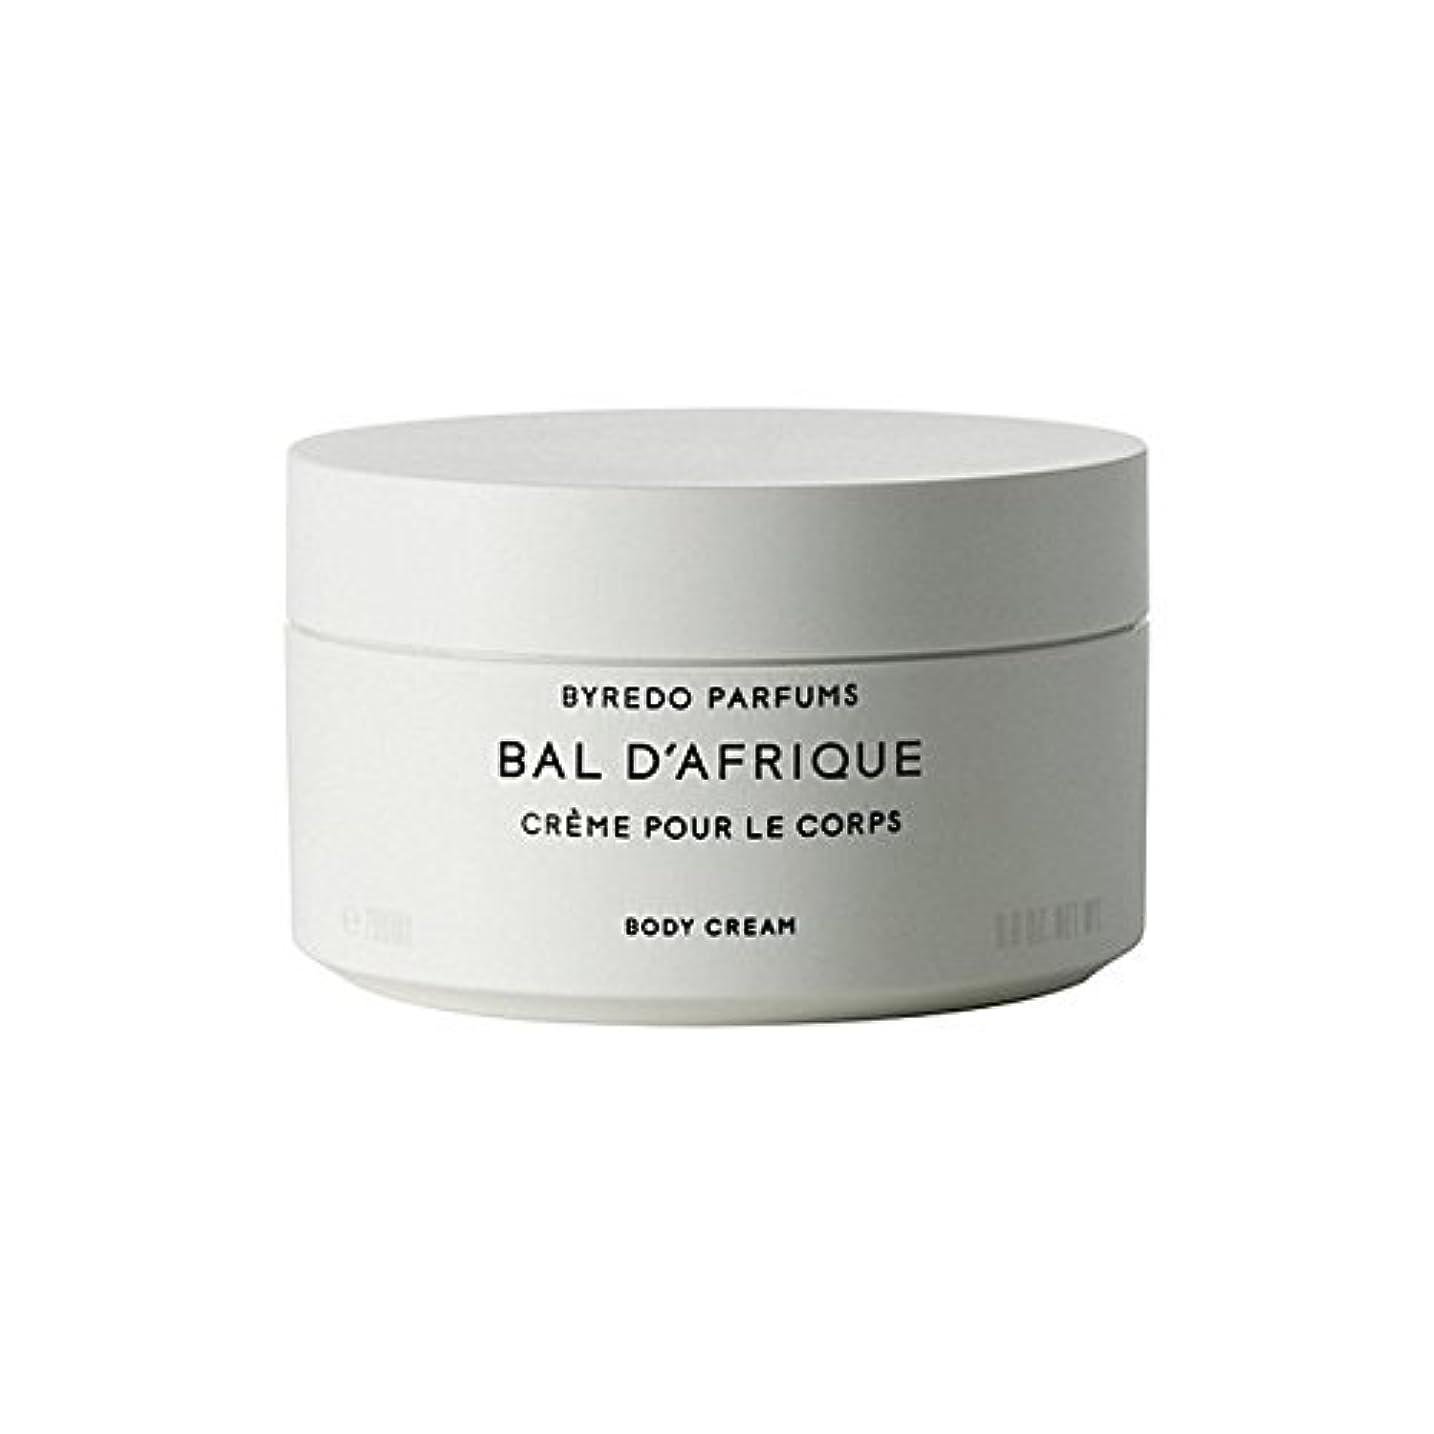 リーダーシップ素晴らしき反逆者Byredo Bal D'Afrique Body Cream 200ml - 'のボディクリーム200ミリリットル [並行輸入品]